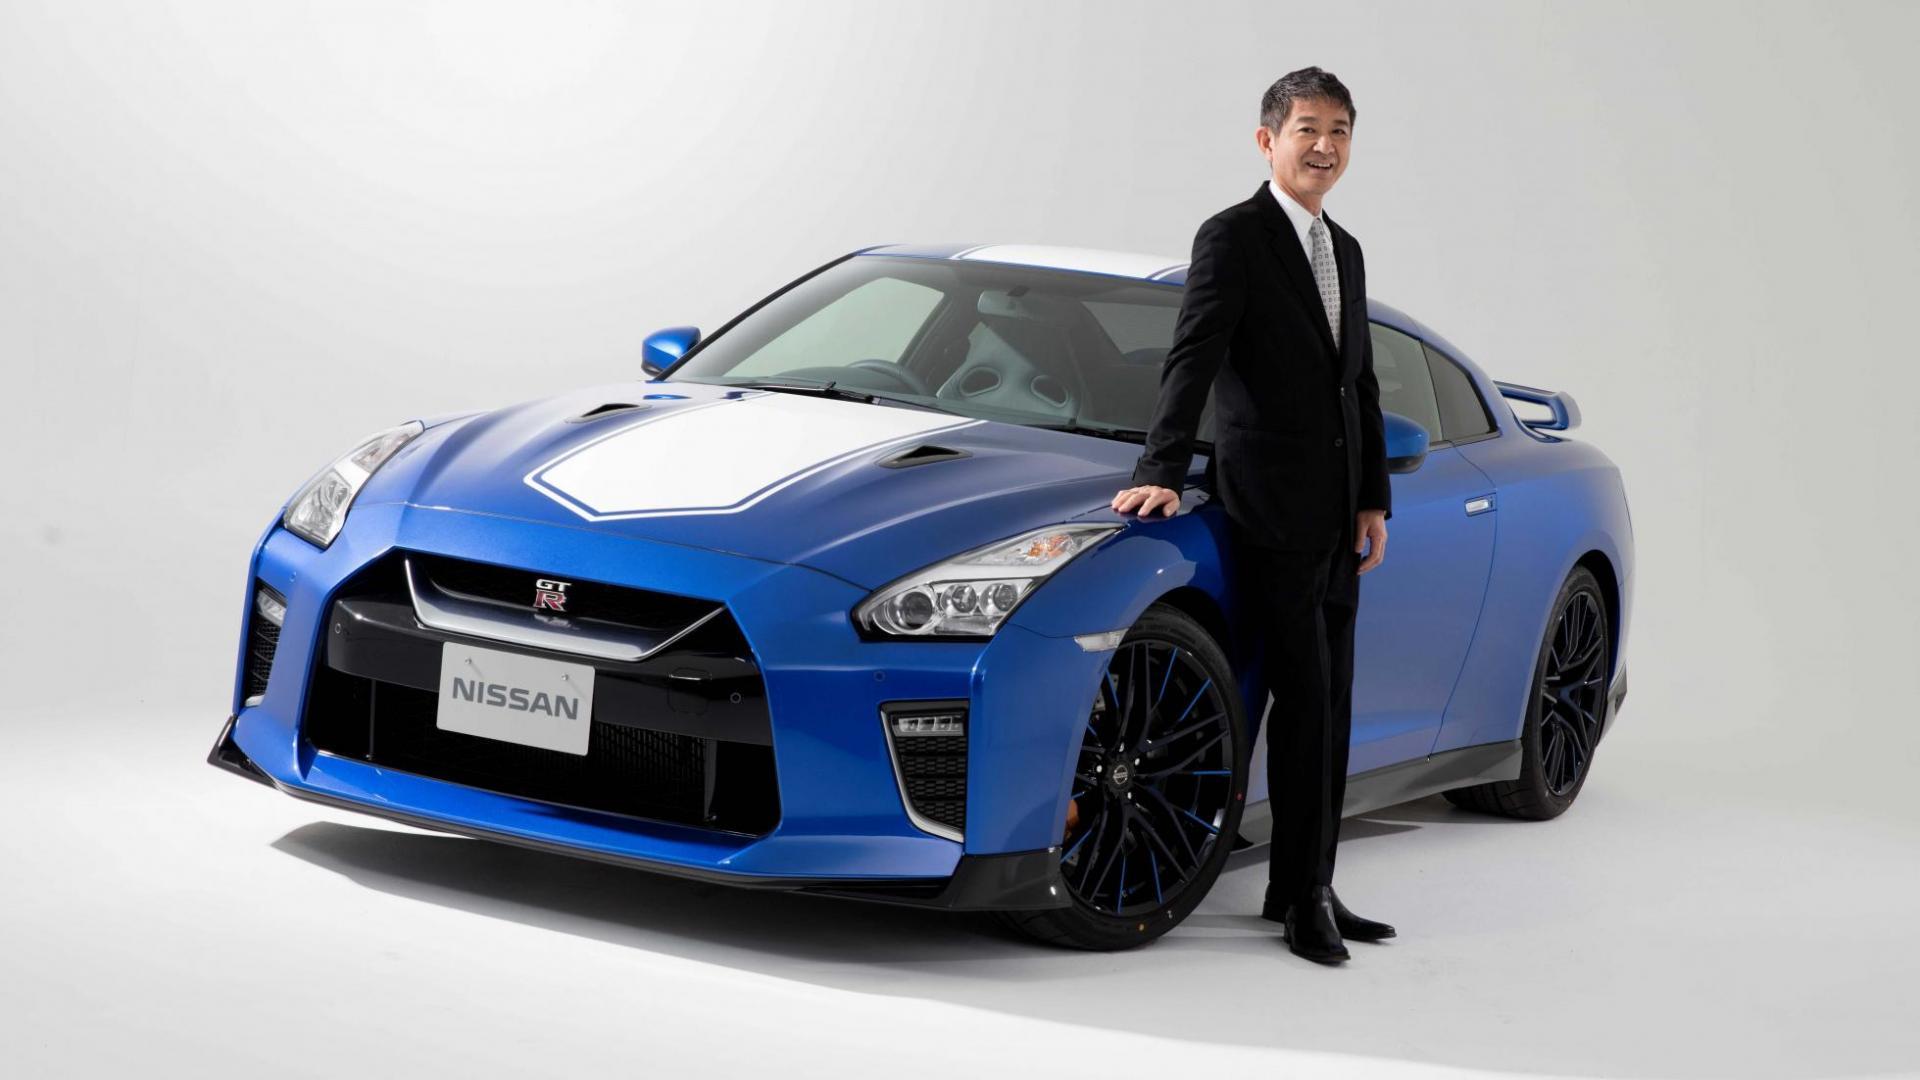 Nissan GT-R nog niet met pensioen - Hiroshi Tamura